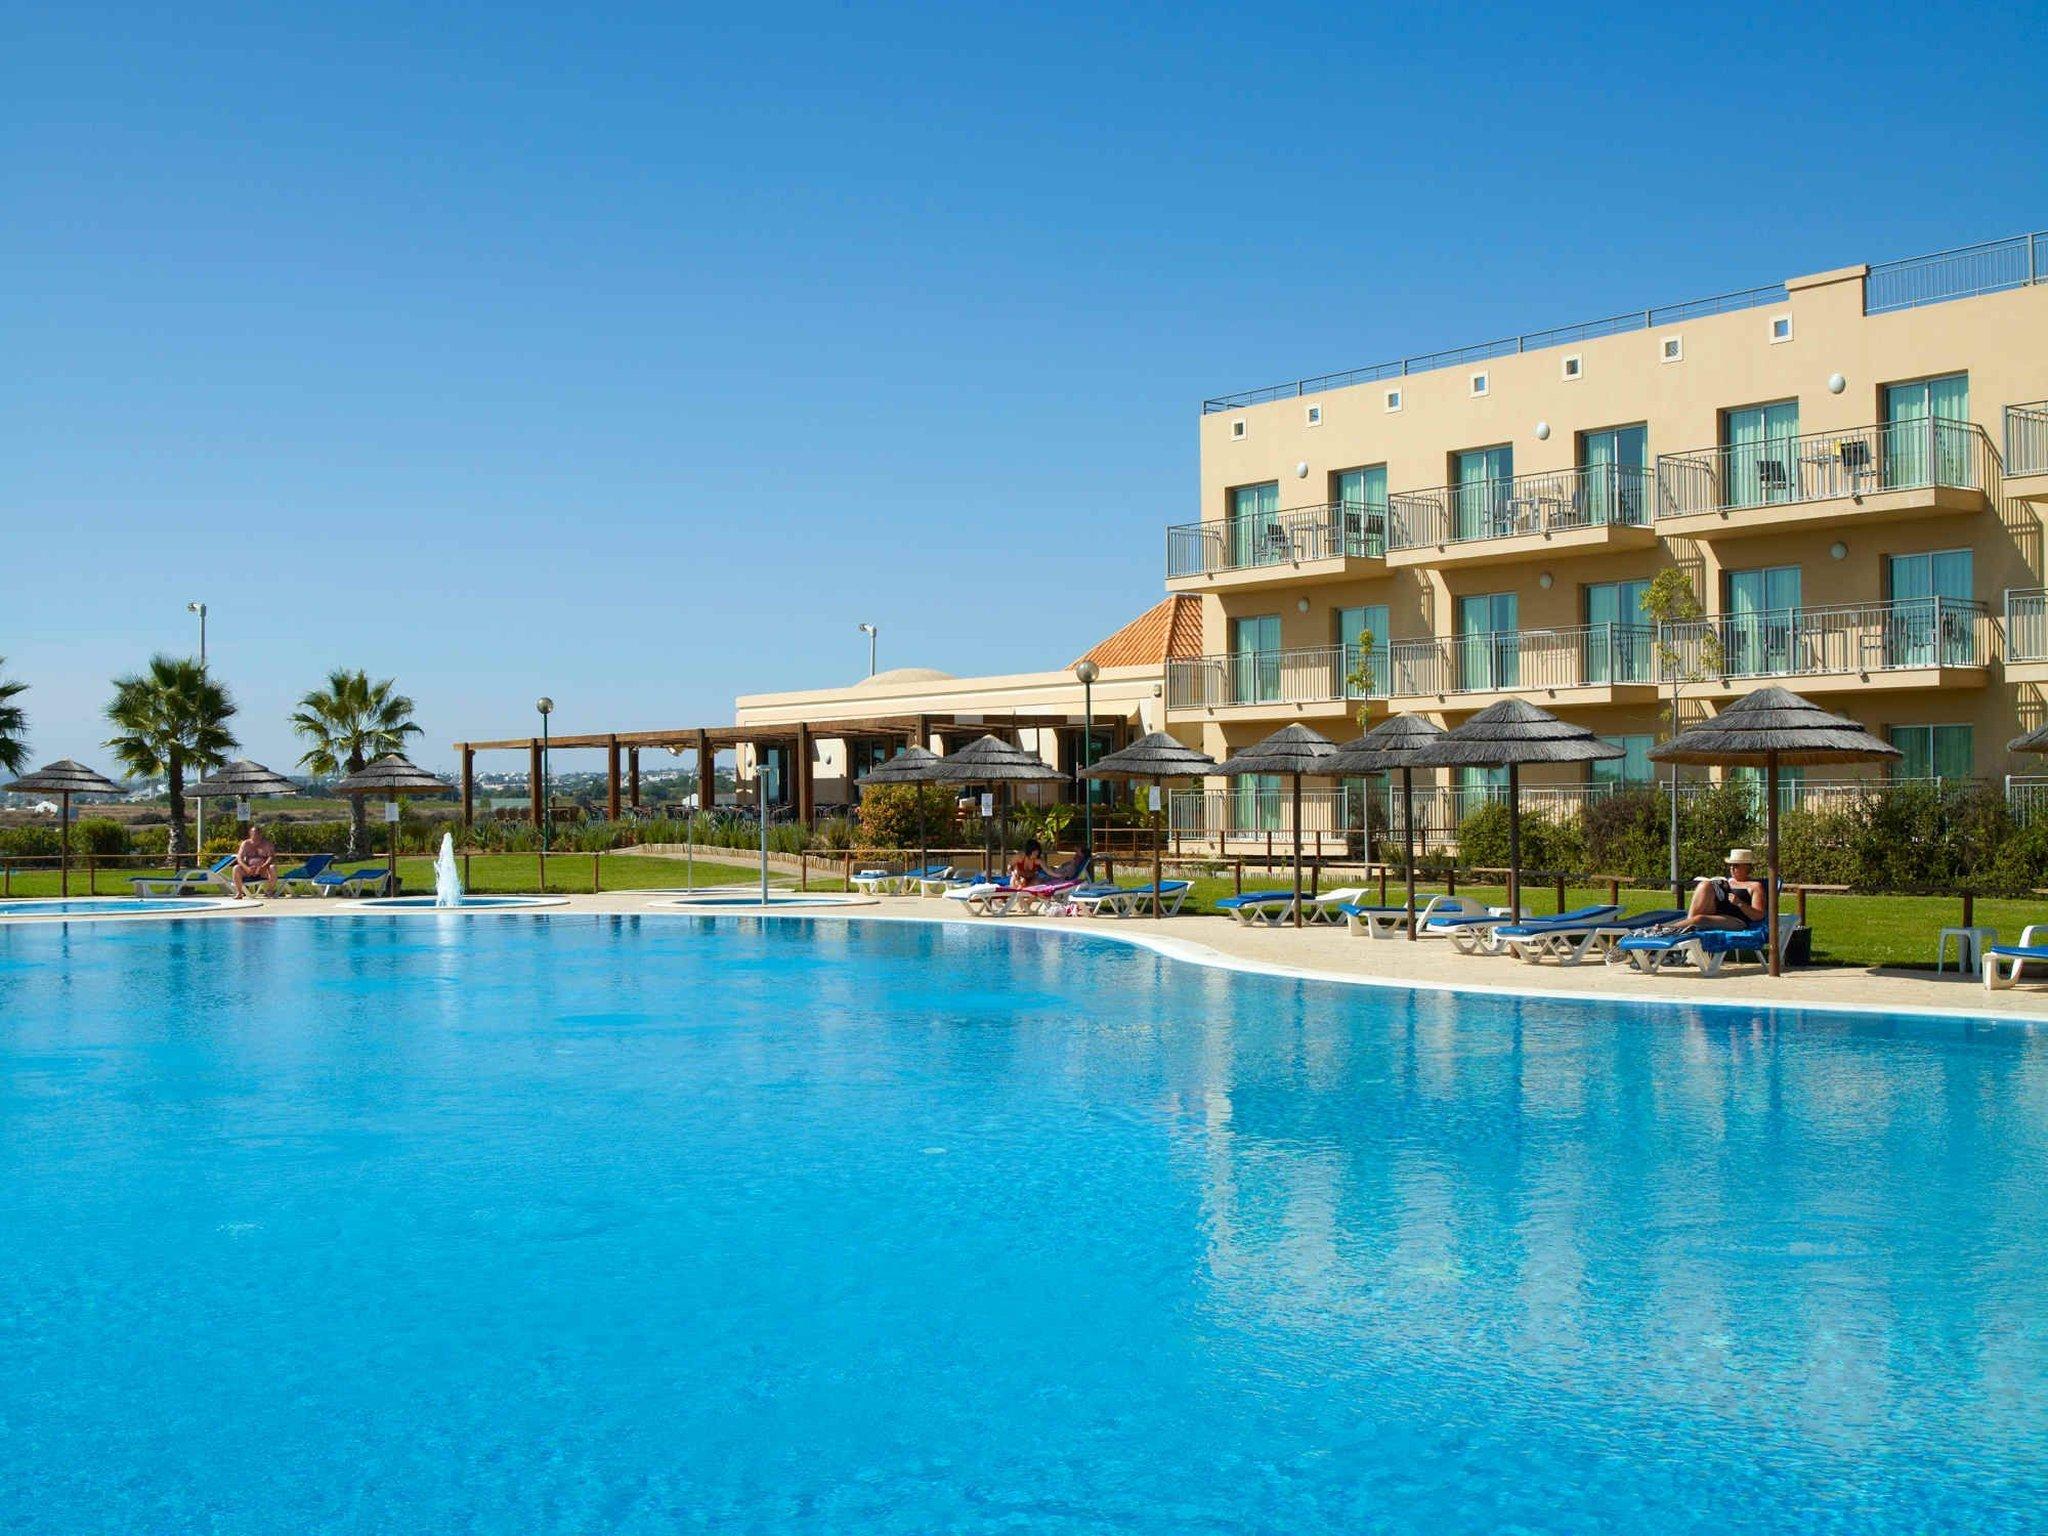 Cabanas Resort Park